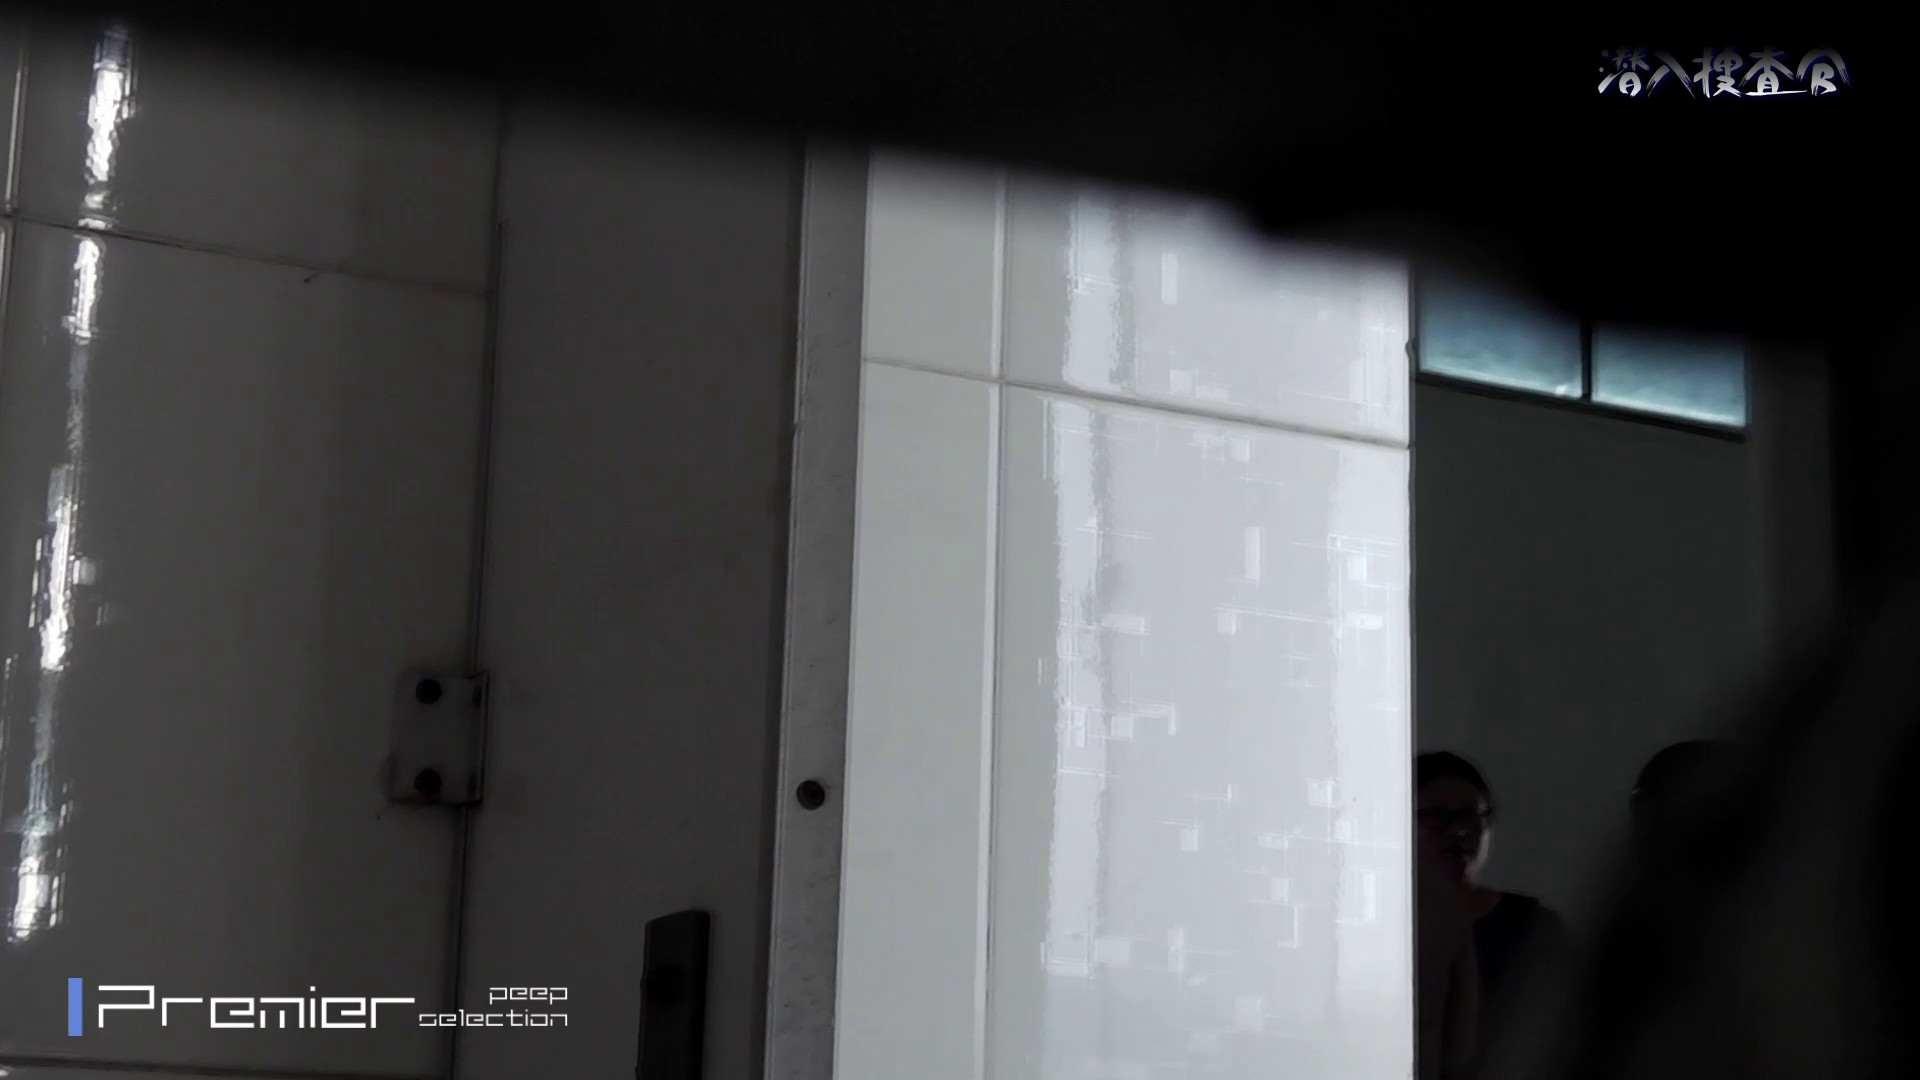 下からノゾム vol.039 やりすぎ、うぶげまで見えてます。 高画質 オメコ動画キャプチャ 111画像 22